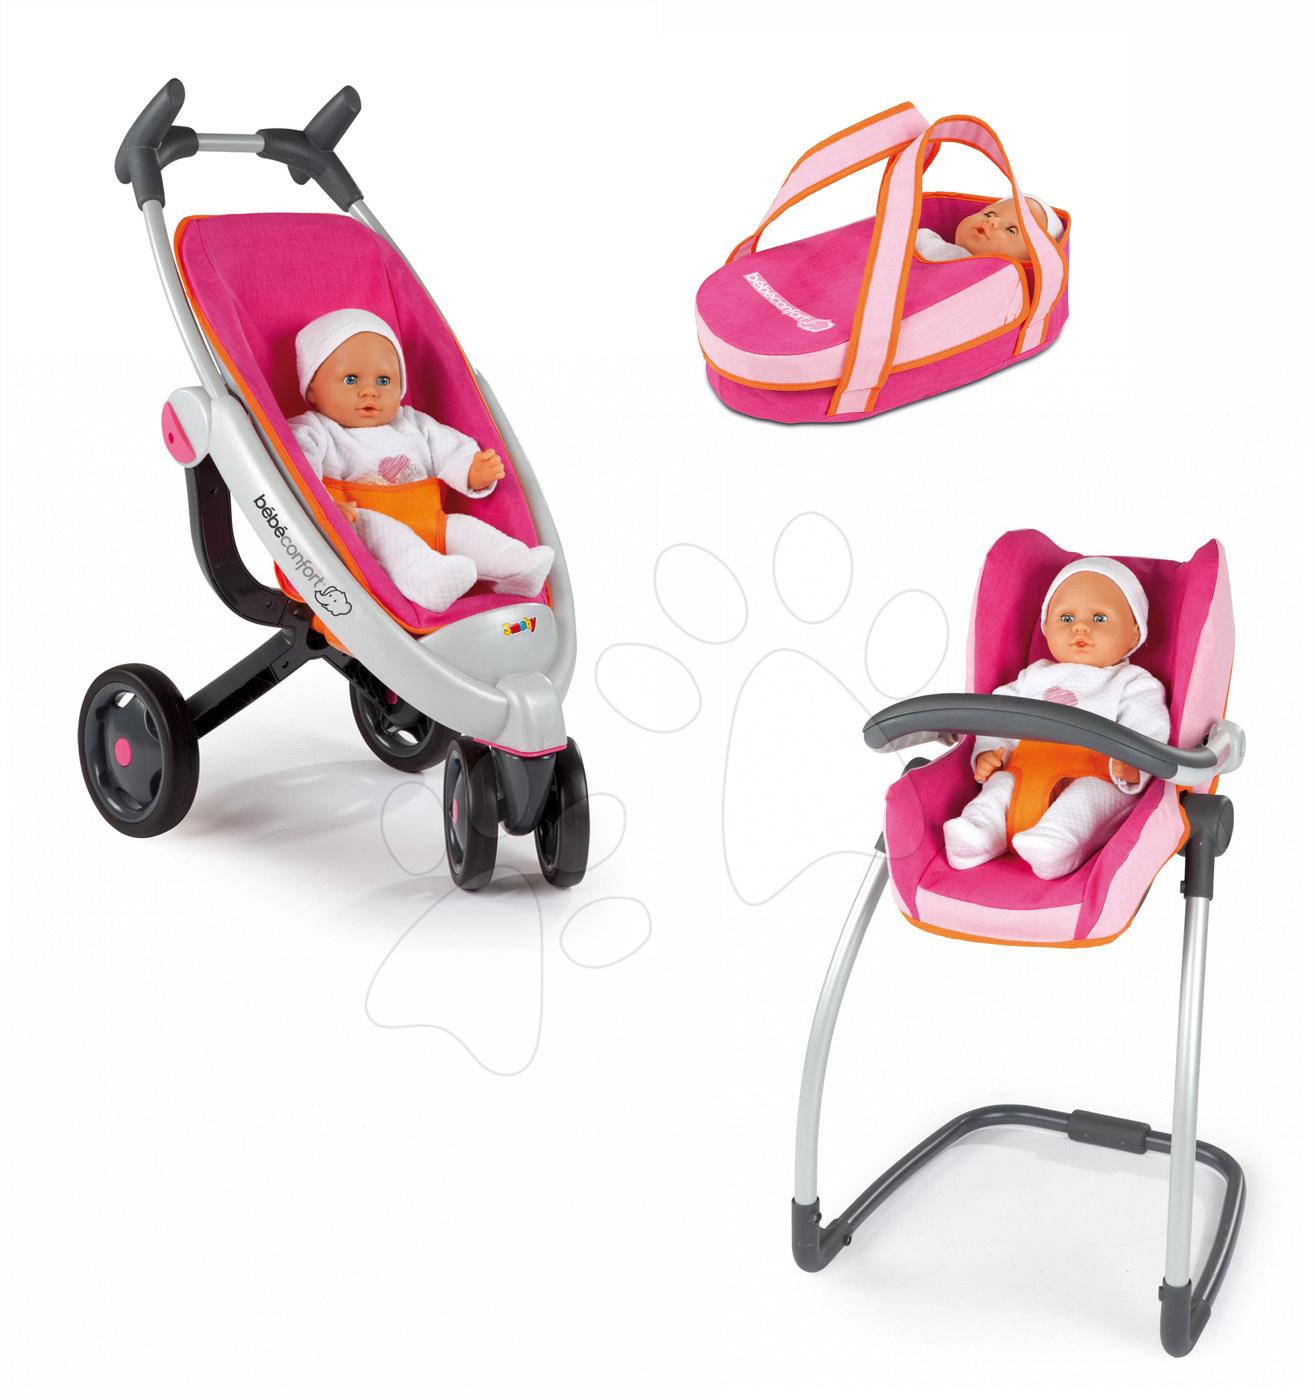 Kočárky od 18 měsíců - Kočárek Maxi-Cosi & Quinny 5v1  Smoby růžovo-oranžový